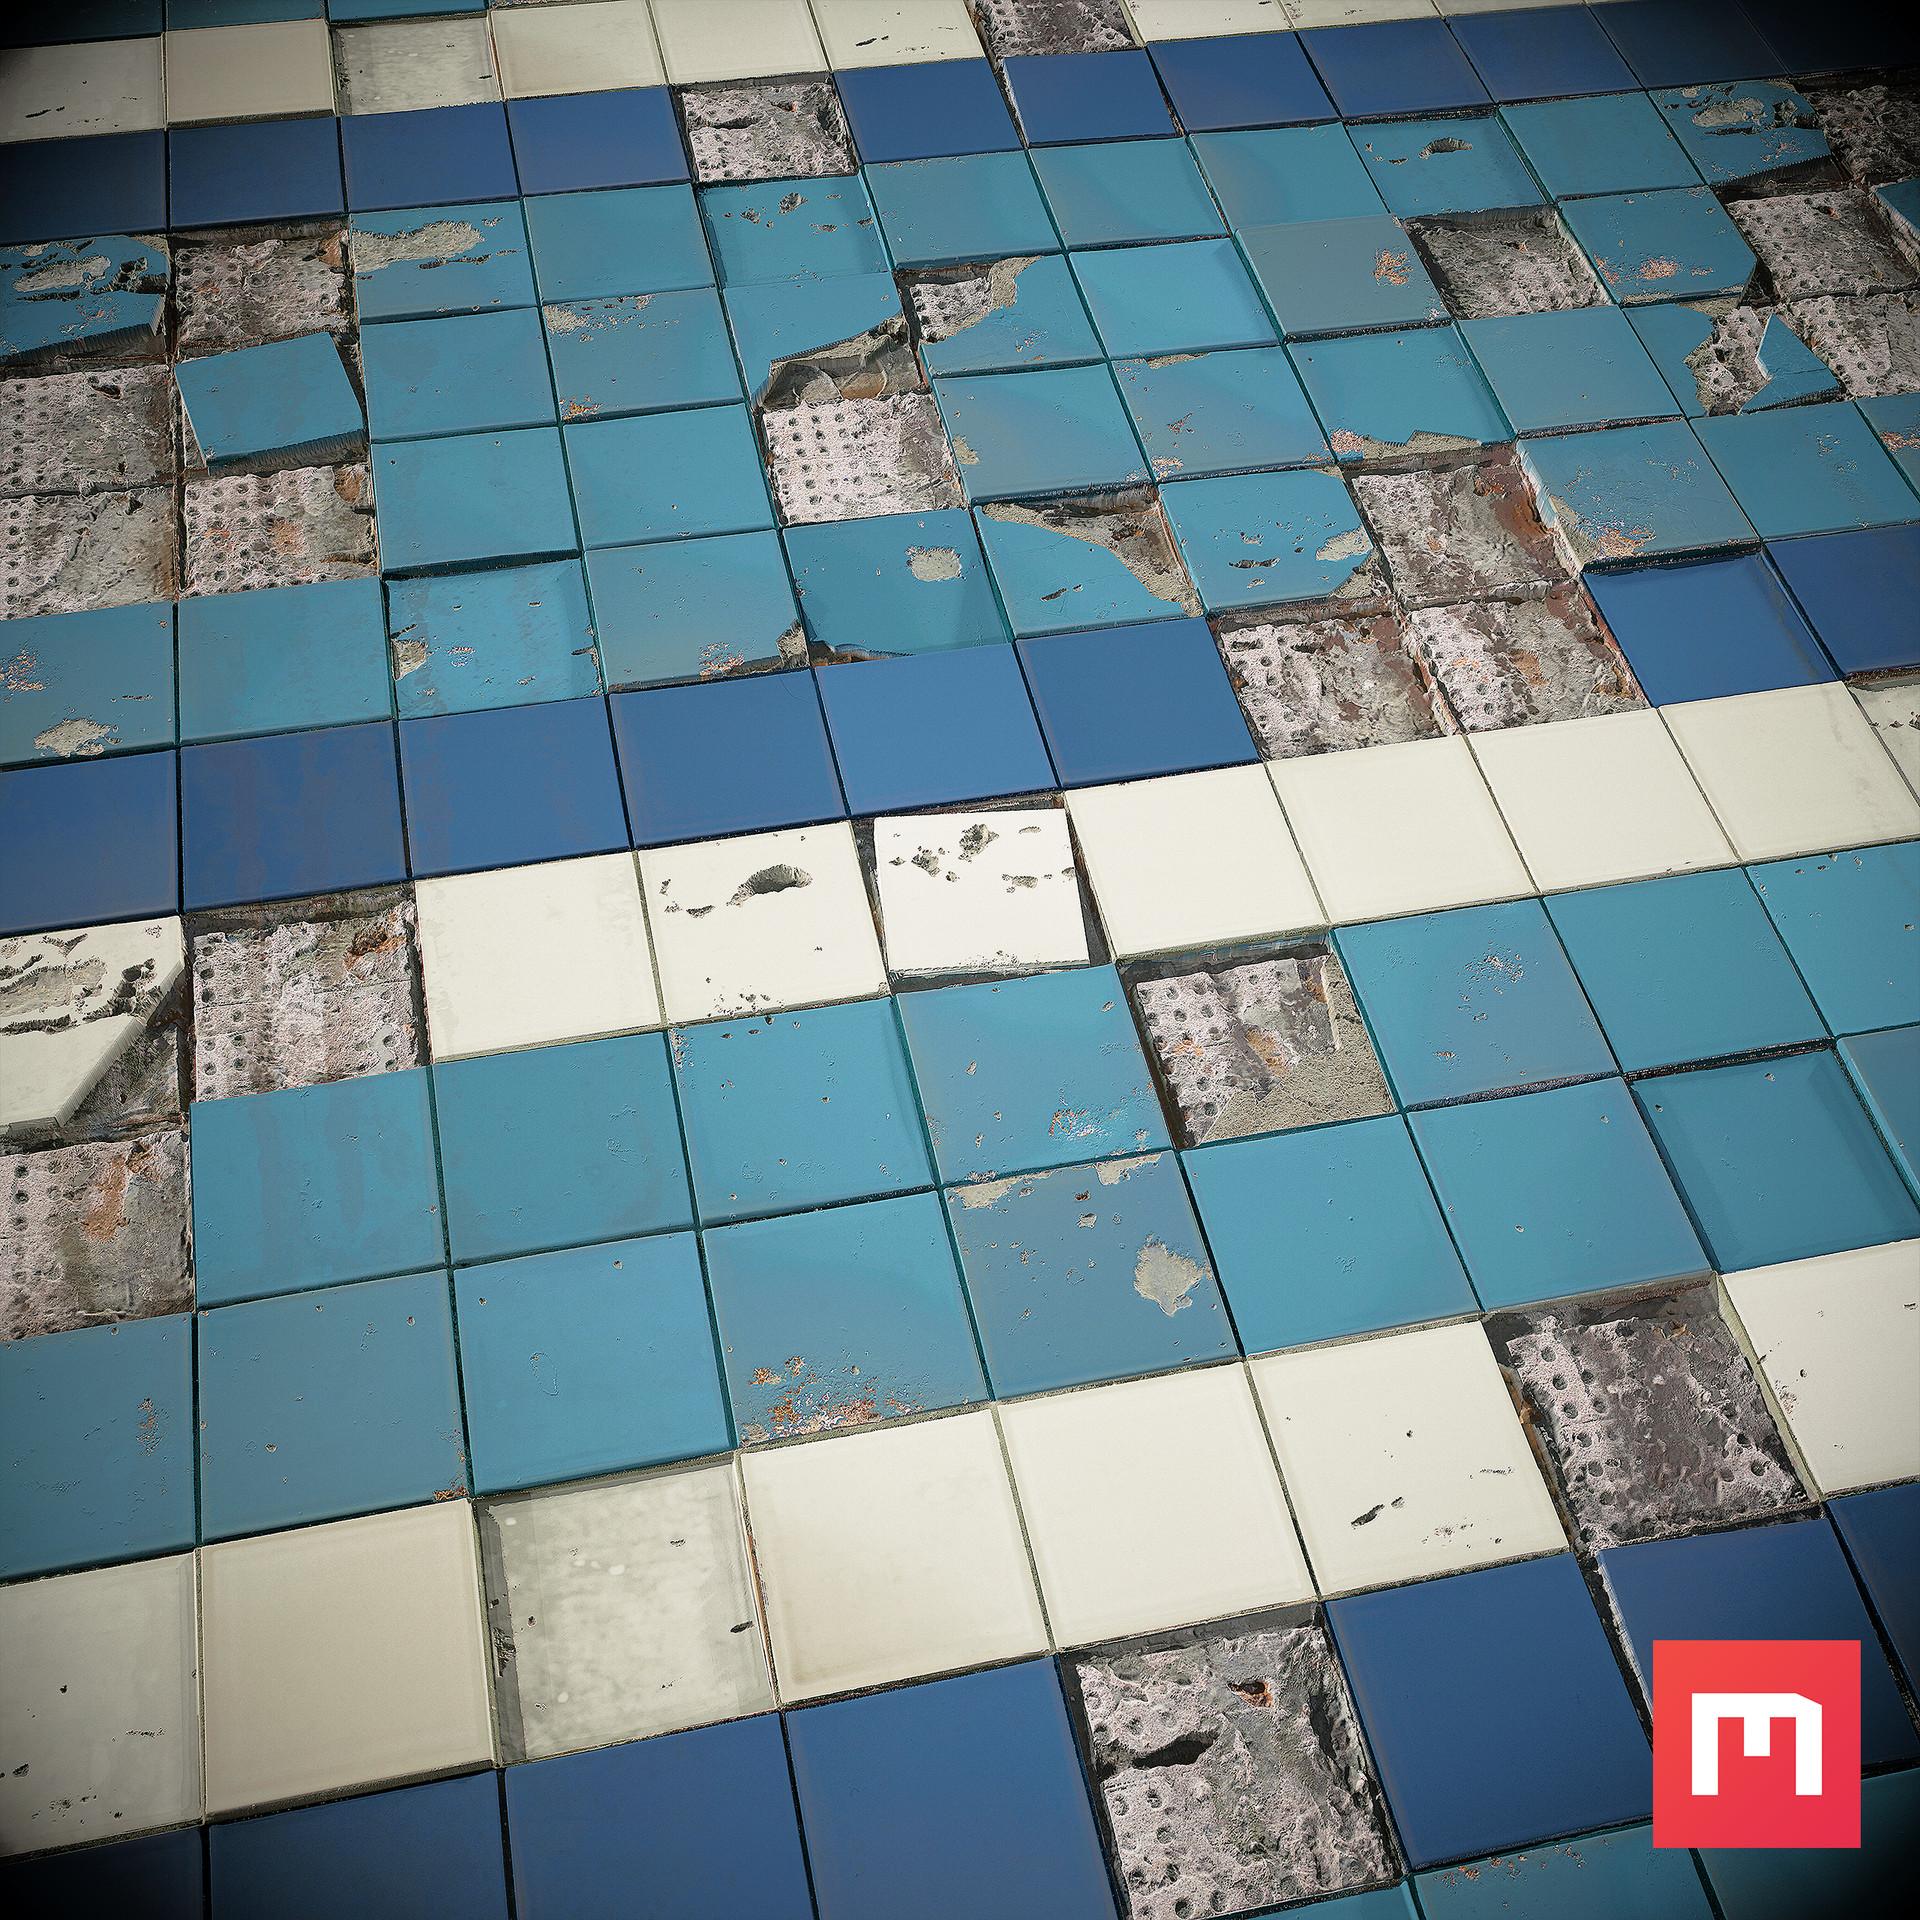 Wiktor ohman broken tiles 2 2